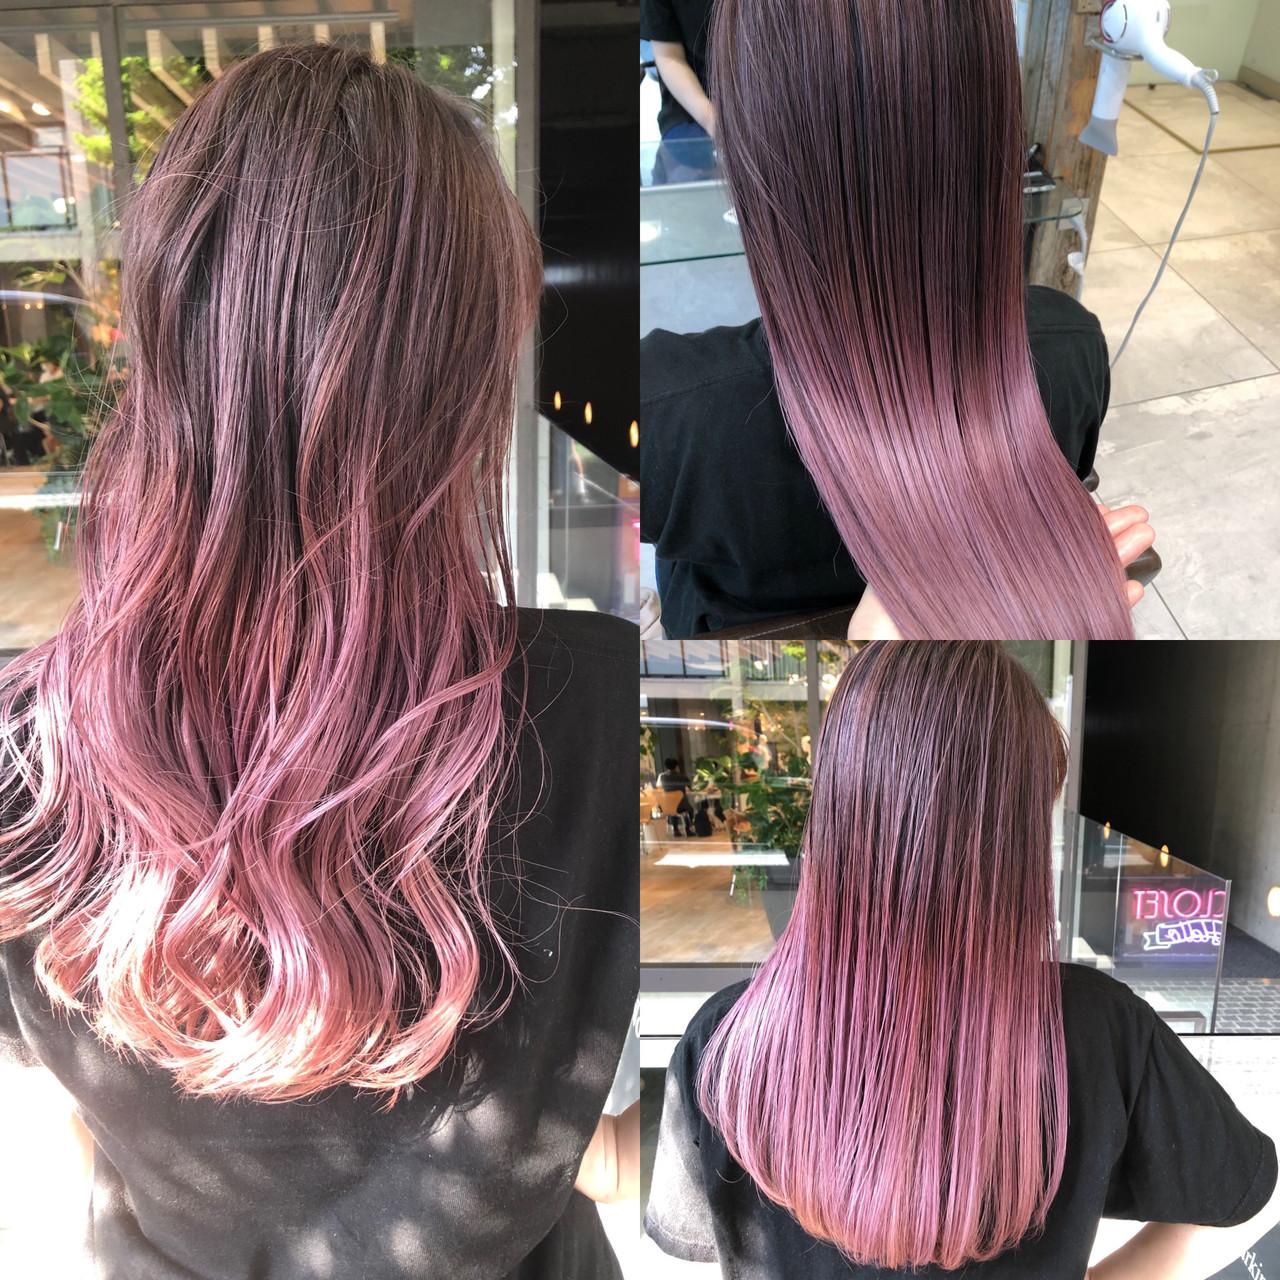 ロング ピンクアッシュ ピンクパープル ハイライト ヘアスタイルや髪型の写真・画像